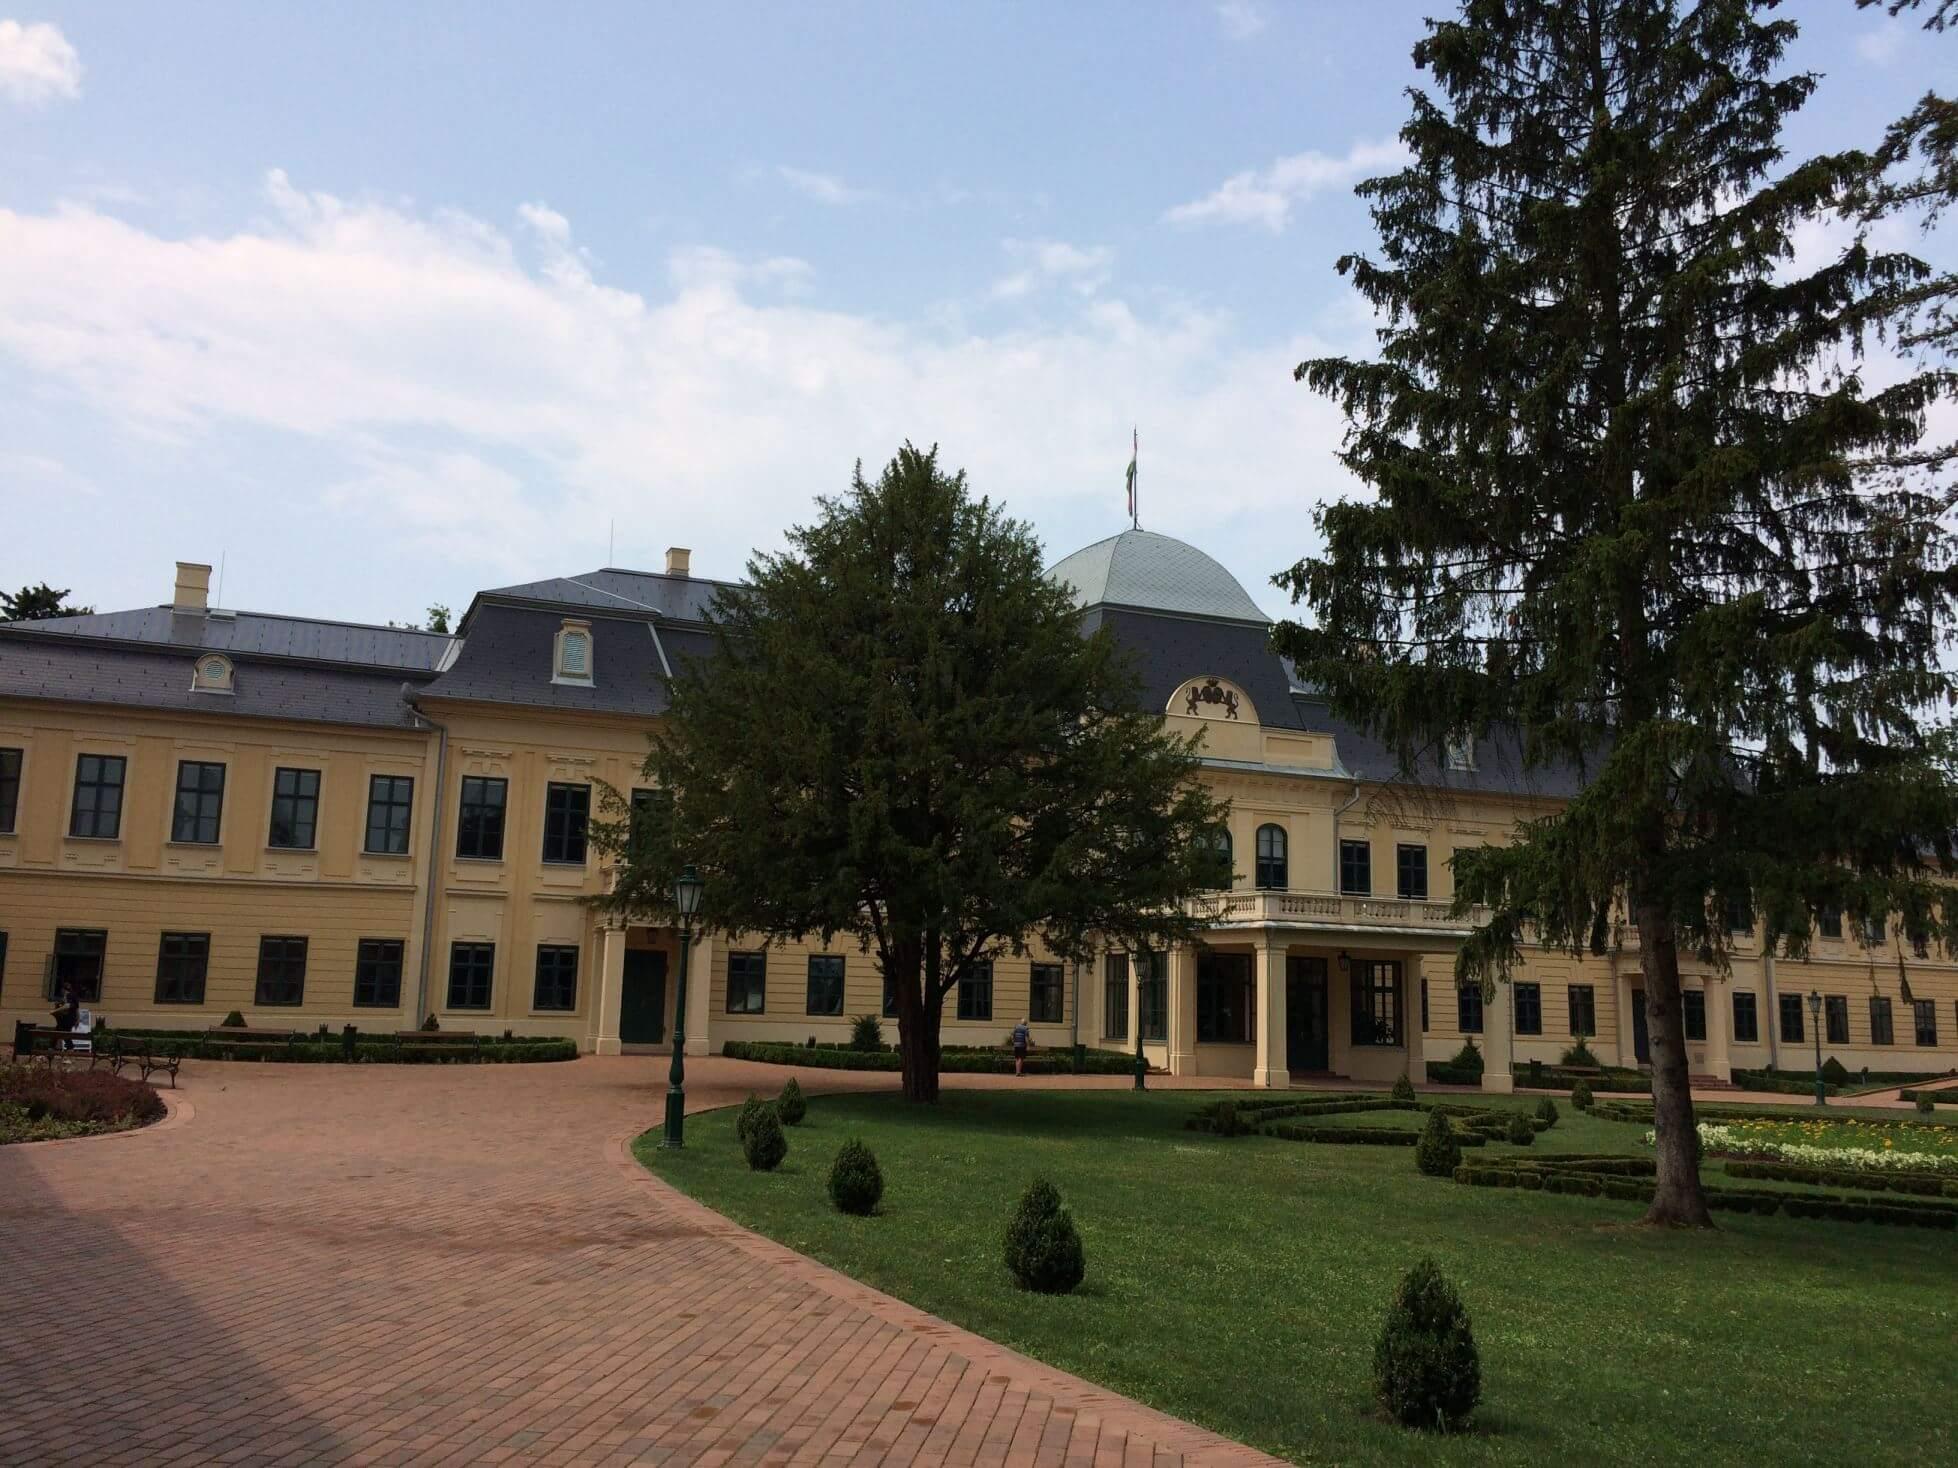 Outside of the Almassy Palace, Gyula